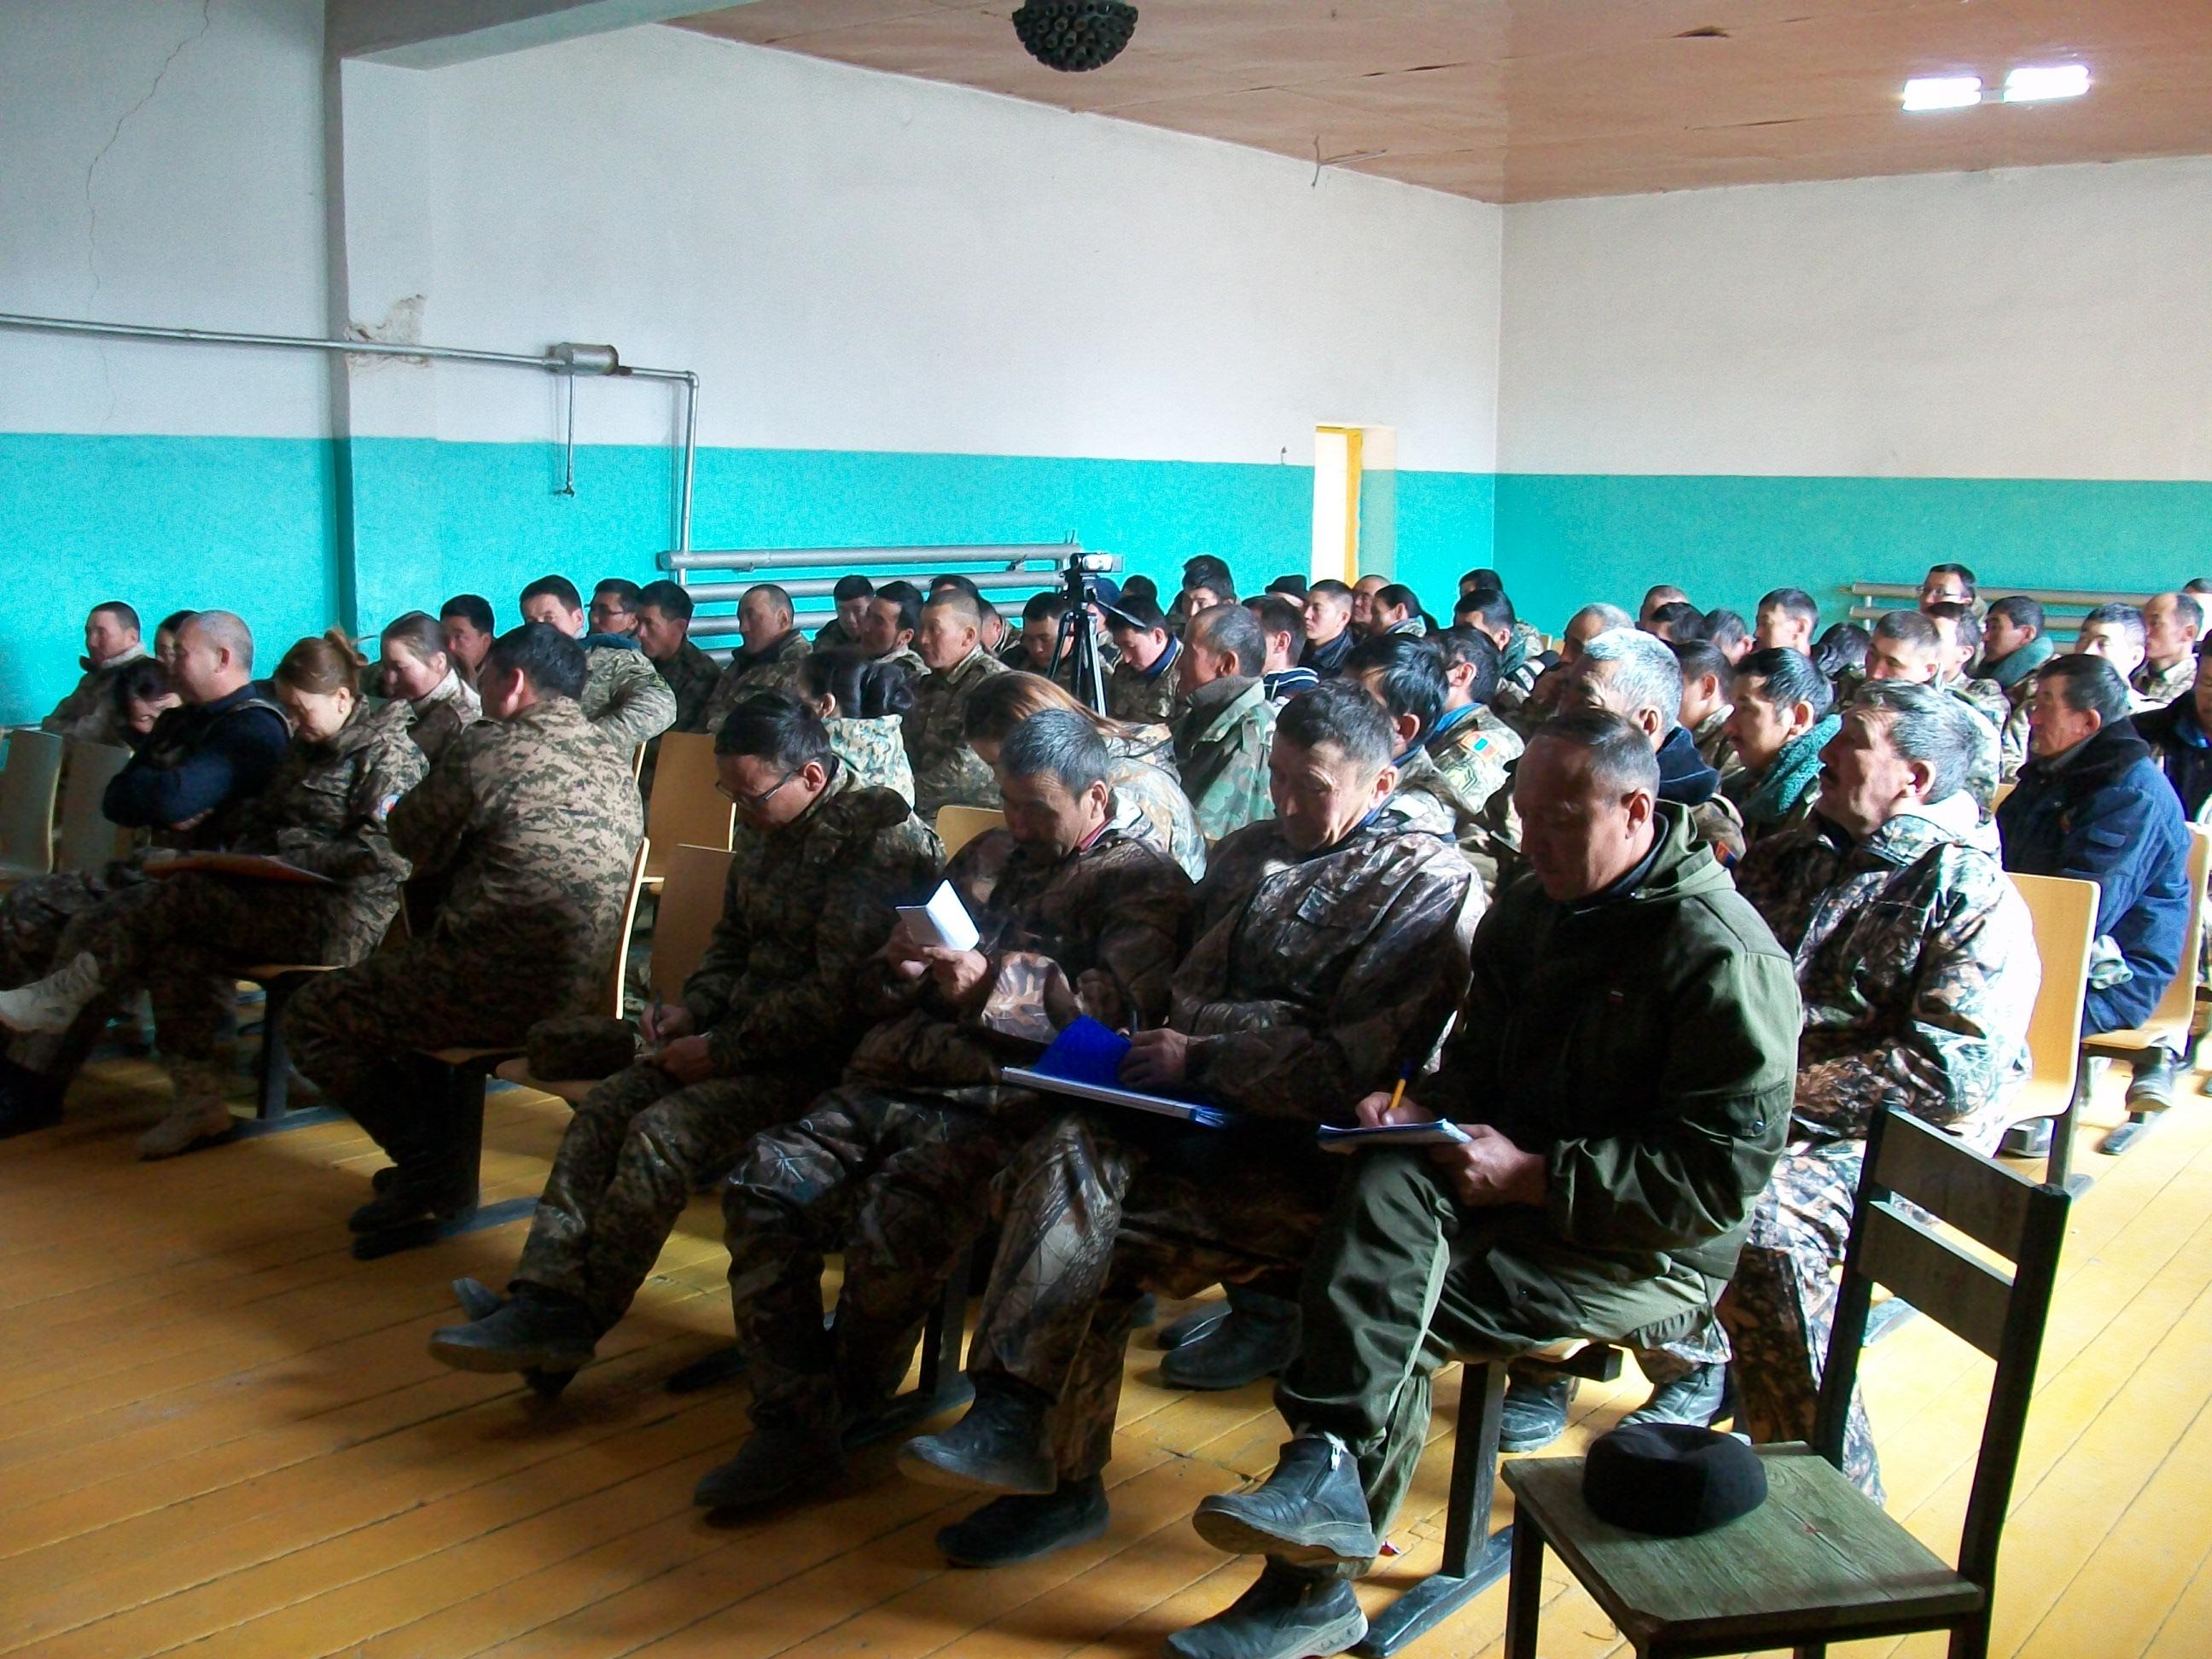 Алтай сумын гамшгаас хамгаалах мэргэжлийн ангийн бүрэлдэхүүнд сургалт явуулав.